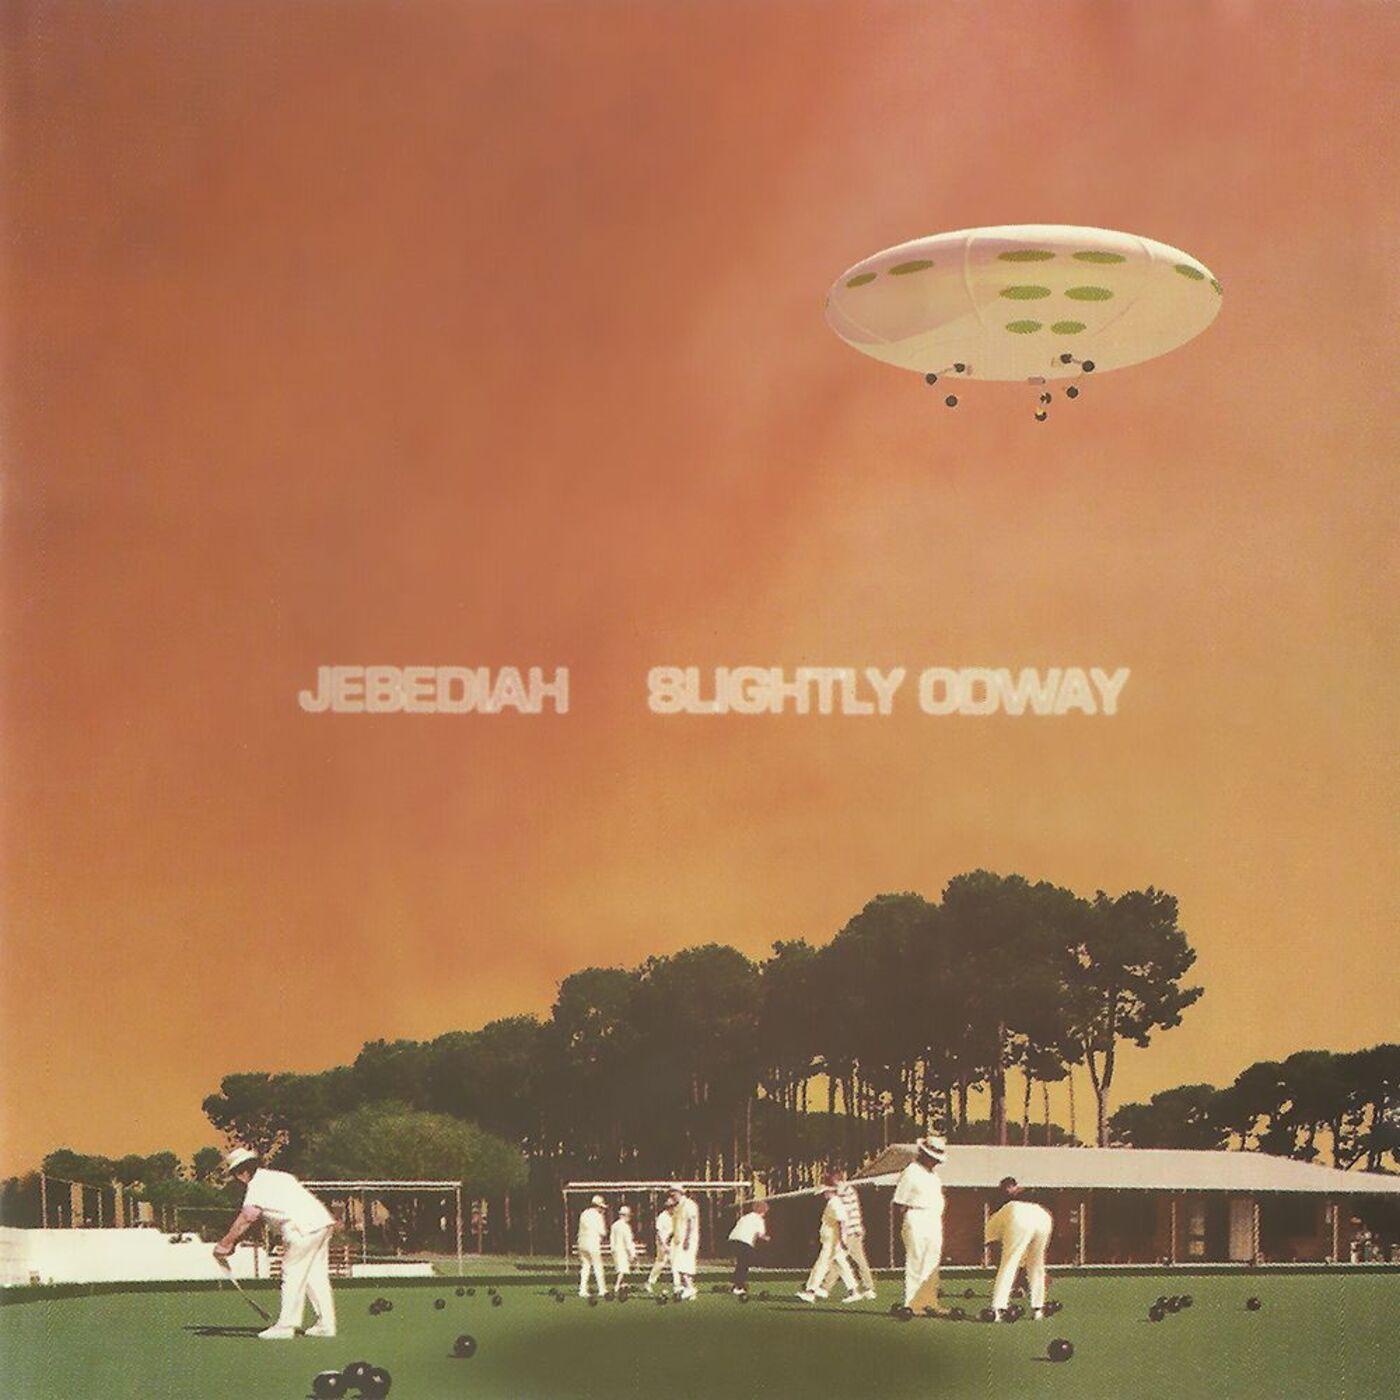 Jebediah - Slightly Odway